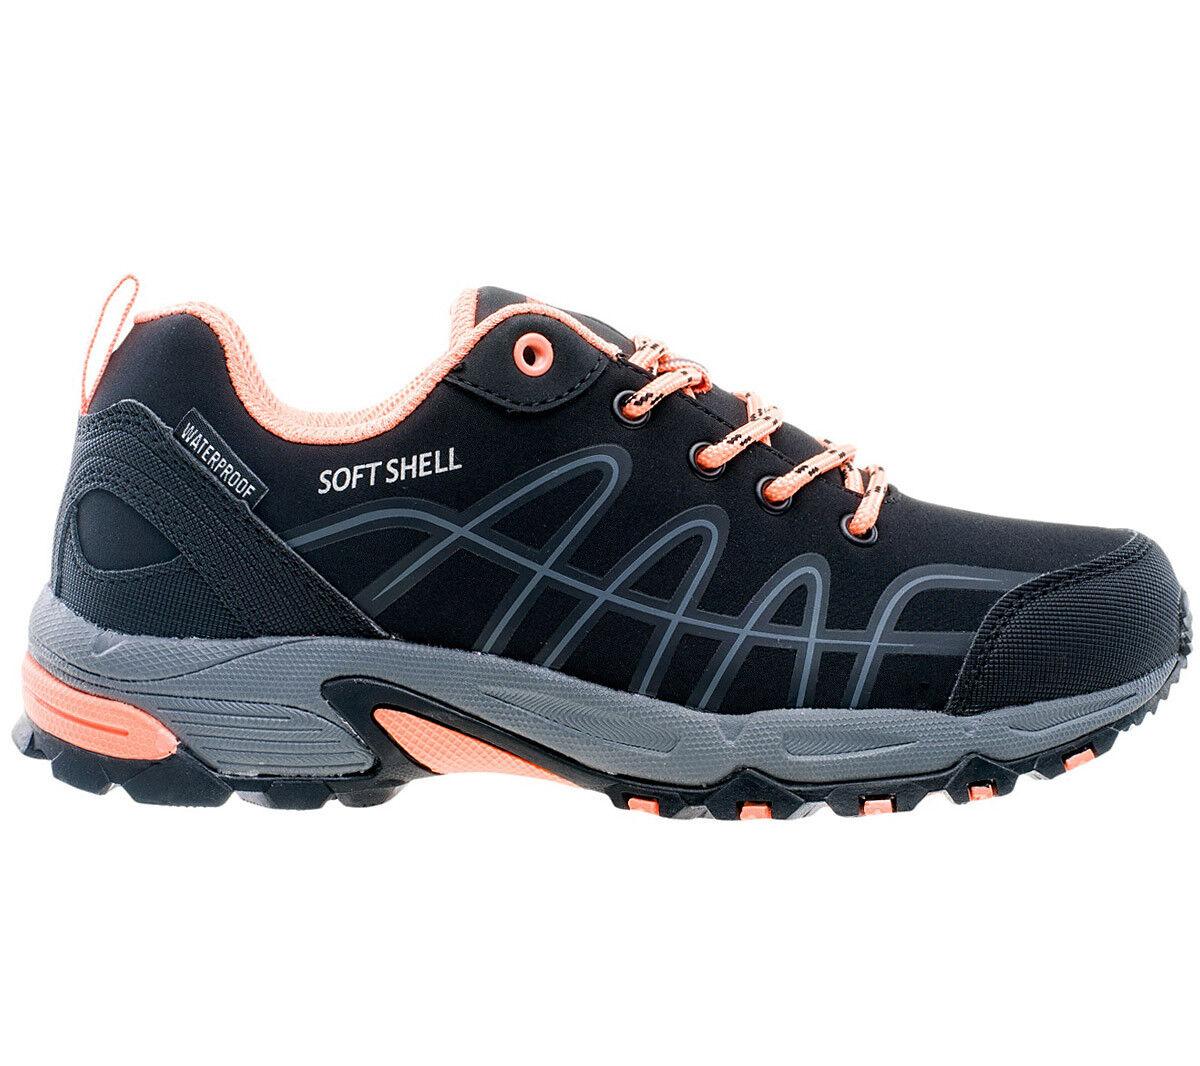 Hi-Tec pamio Low Wp Zapatos Mujer Waterproof Botas Senderismo Outdoor montañas